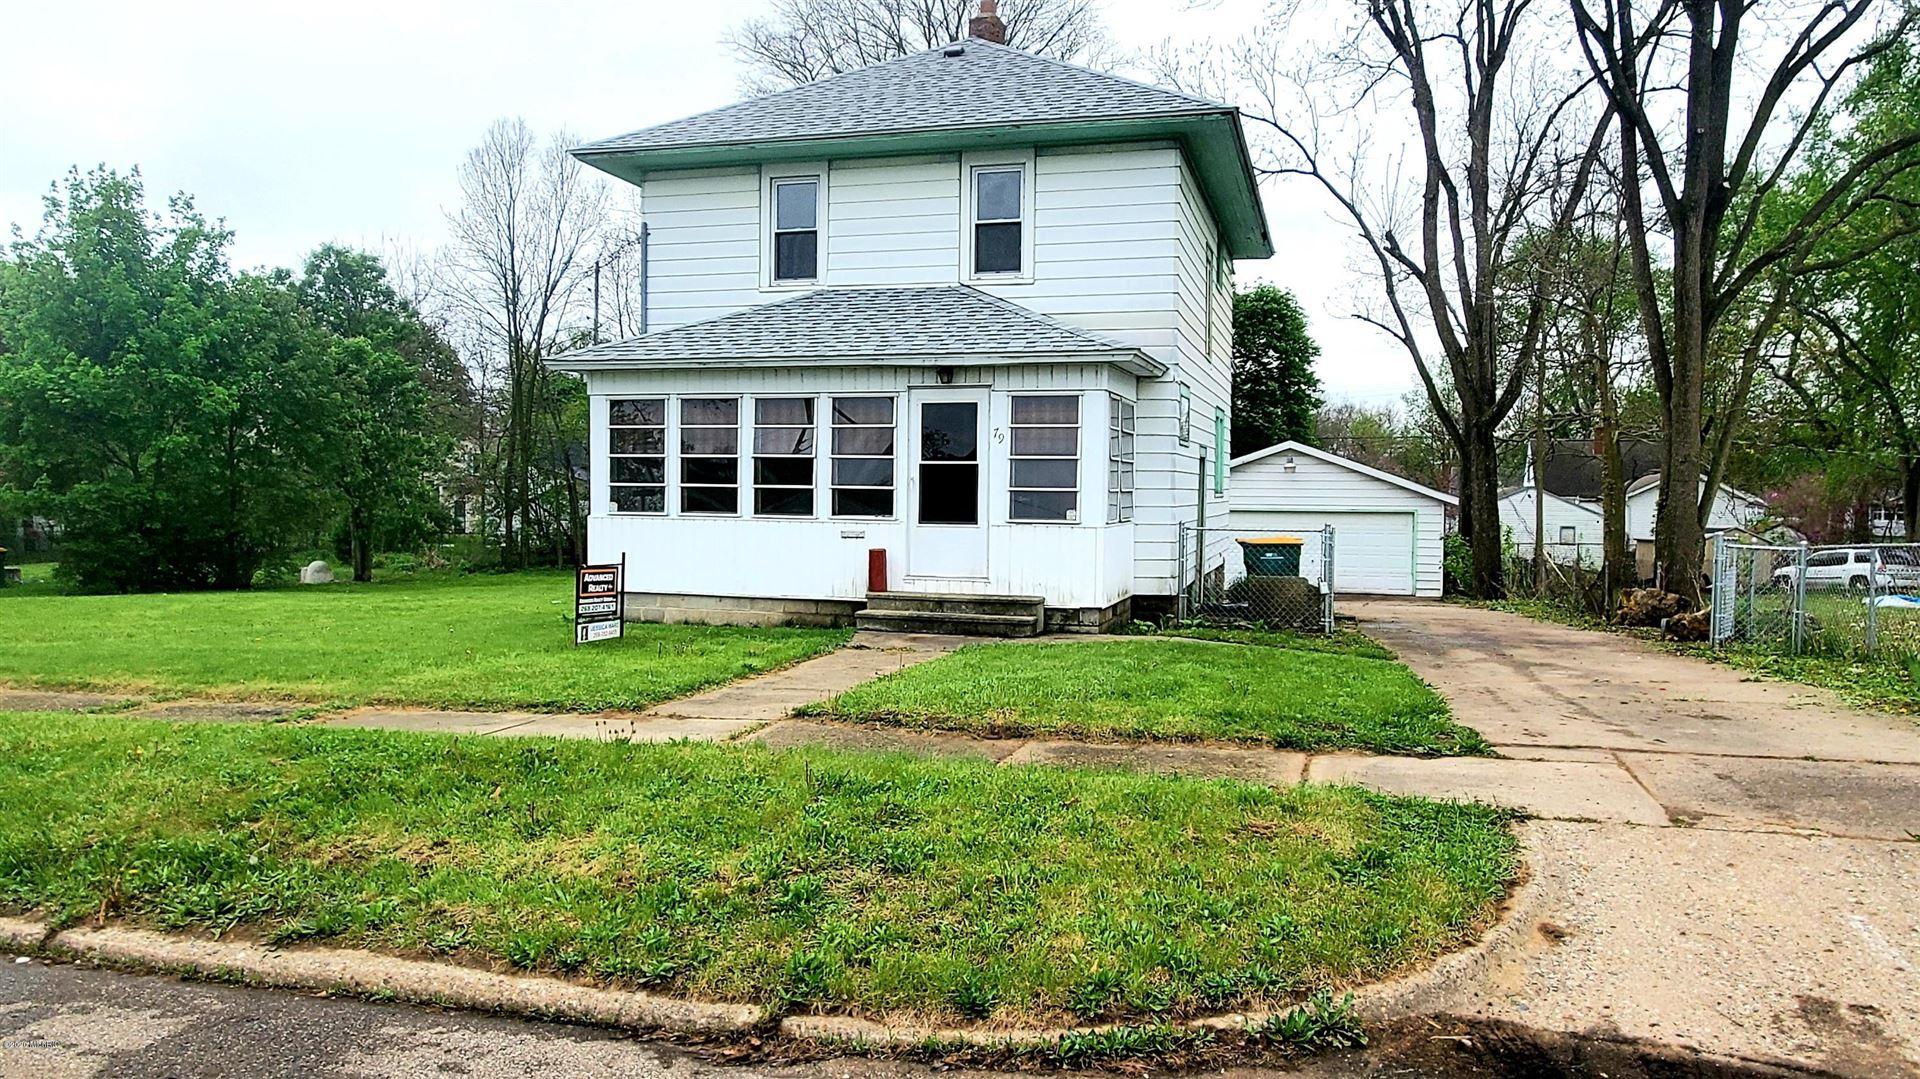 79 Plymouth Street, Battle Creek, MI 49037 - MLS#: 20017582